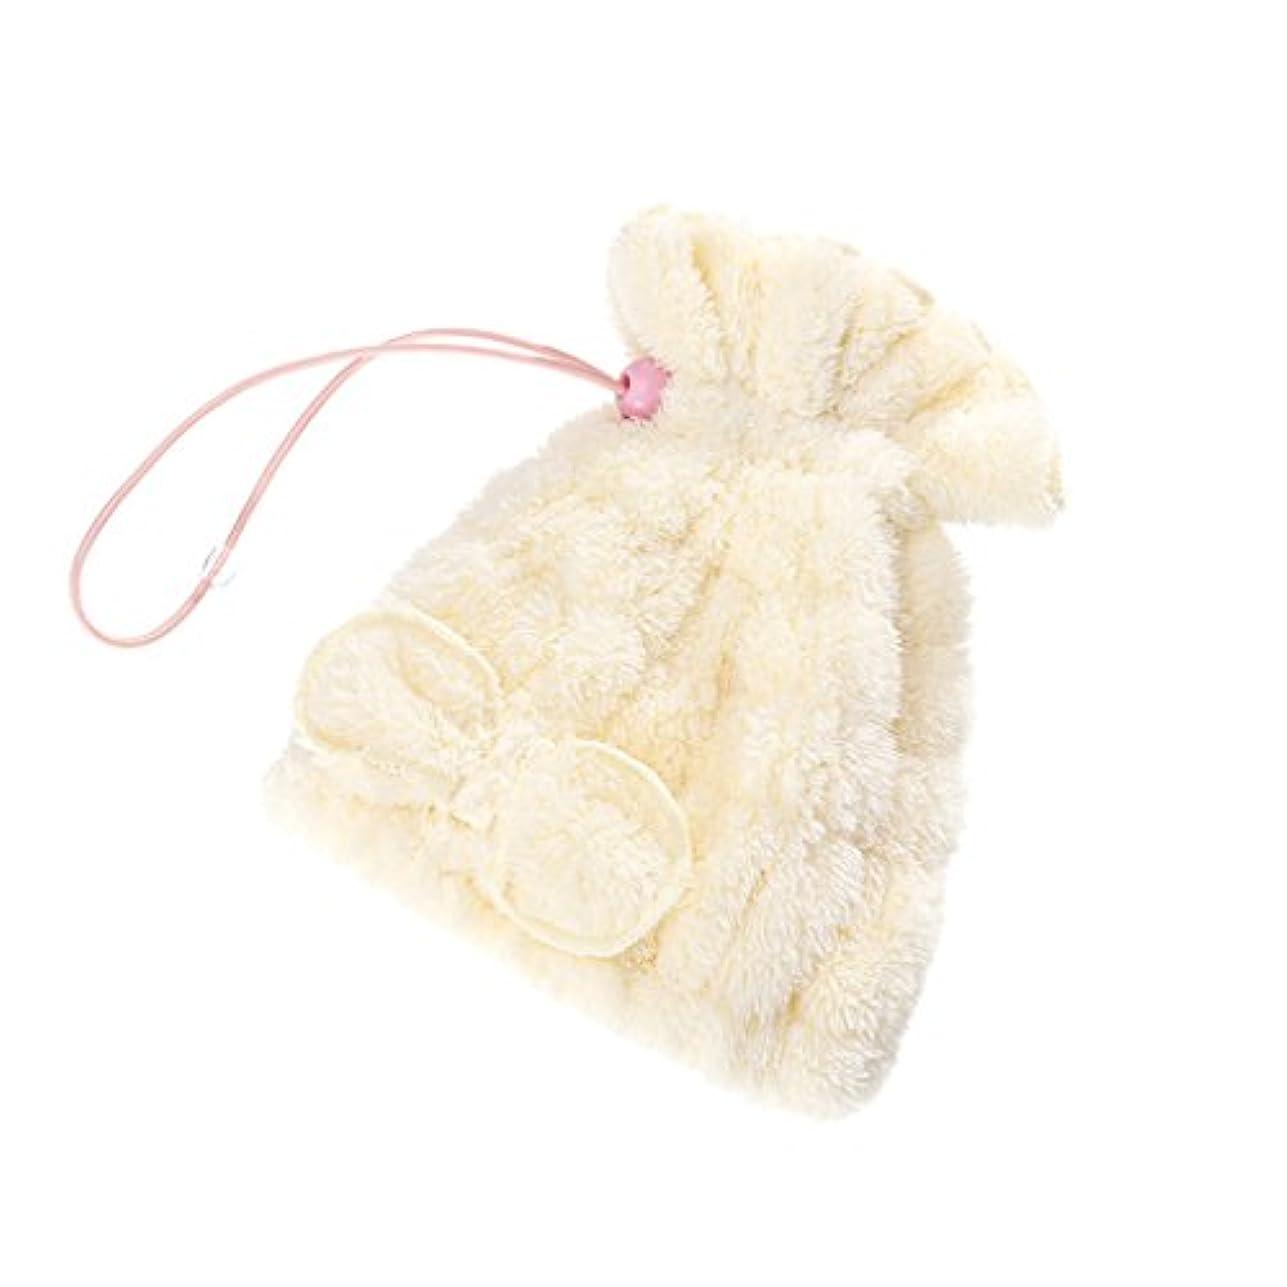 無限化合物上回るシャワーキャップ より厚い子供の乾燥髪のキャップ速乾吸水乾燥髪タオル髪乾燥タオルピンクシャワーキャップ黄色シャワーキャップ (Color : 2#)